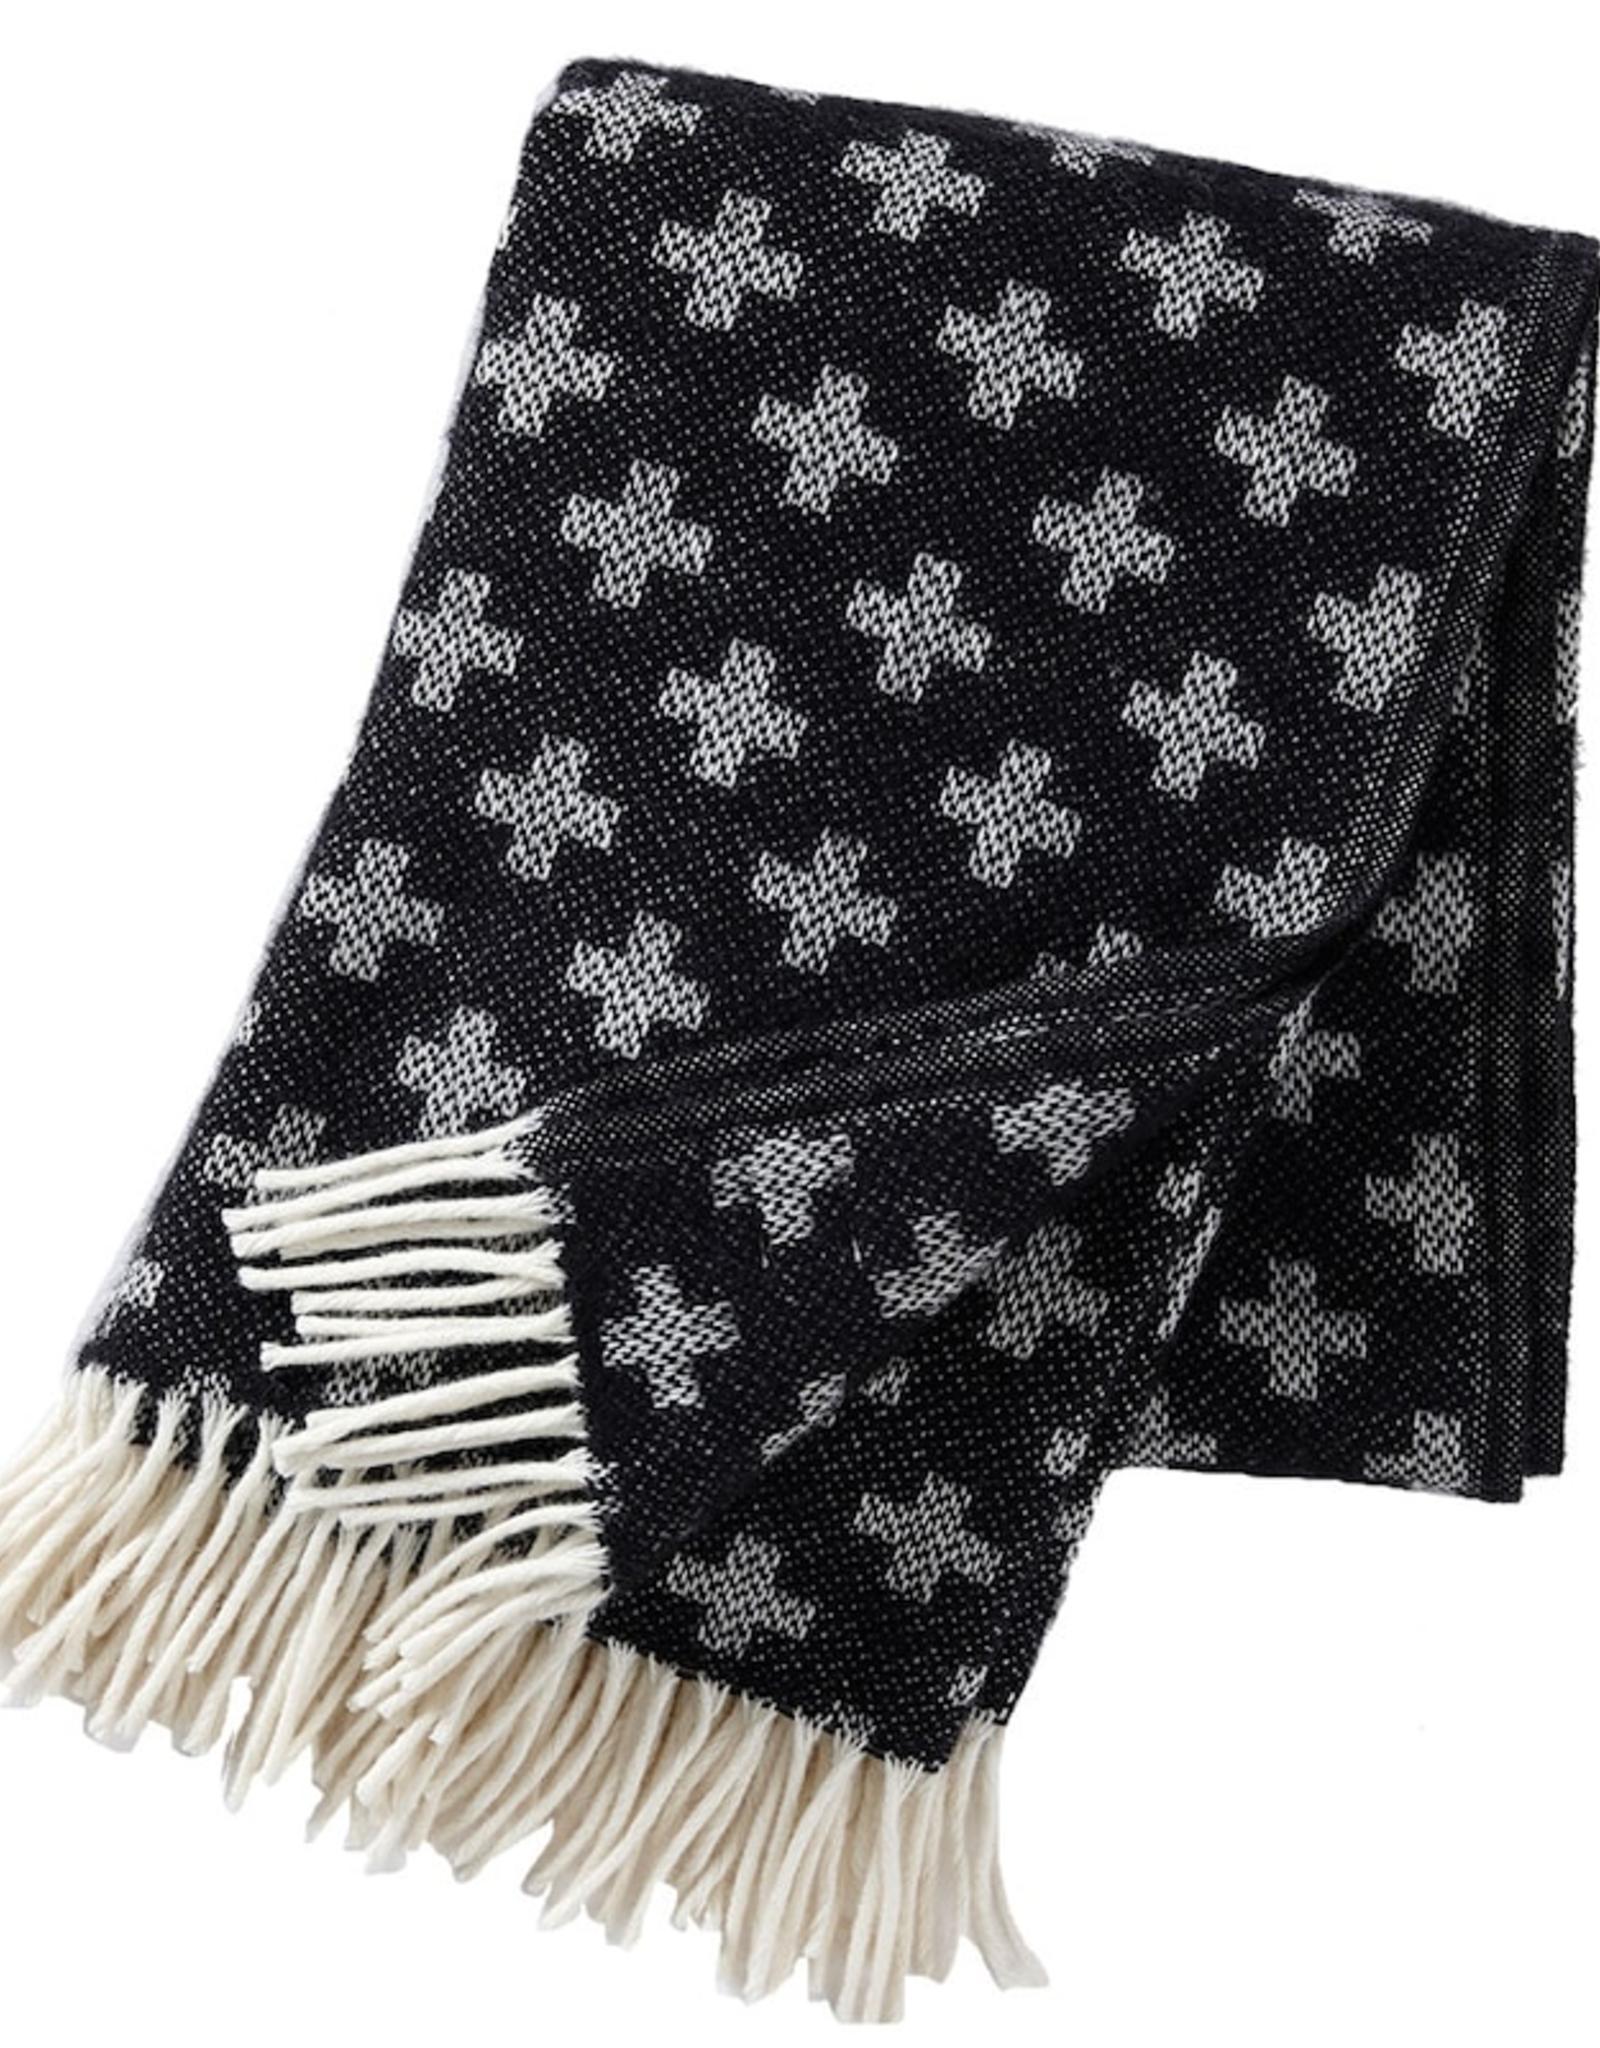 Cross Lambswool Throw, Black & White